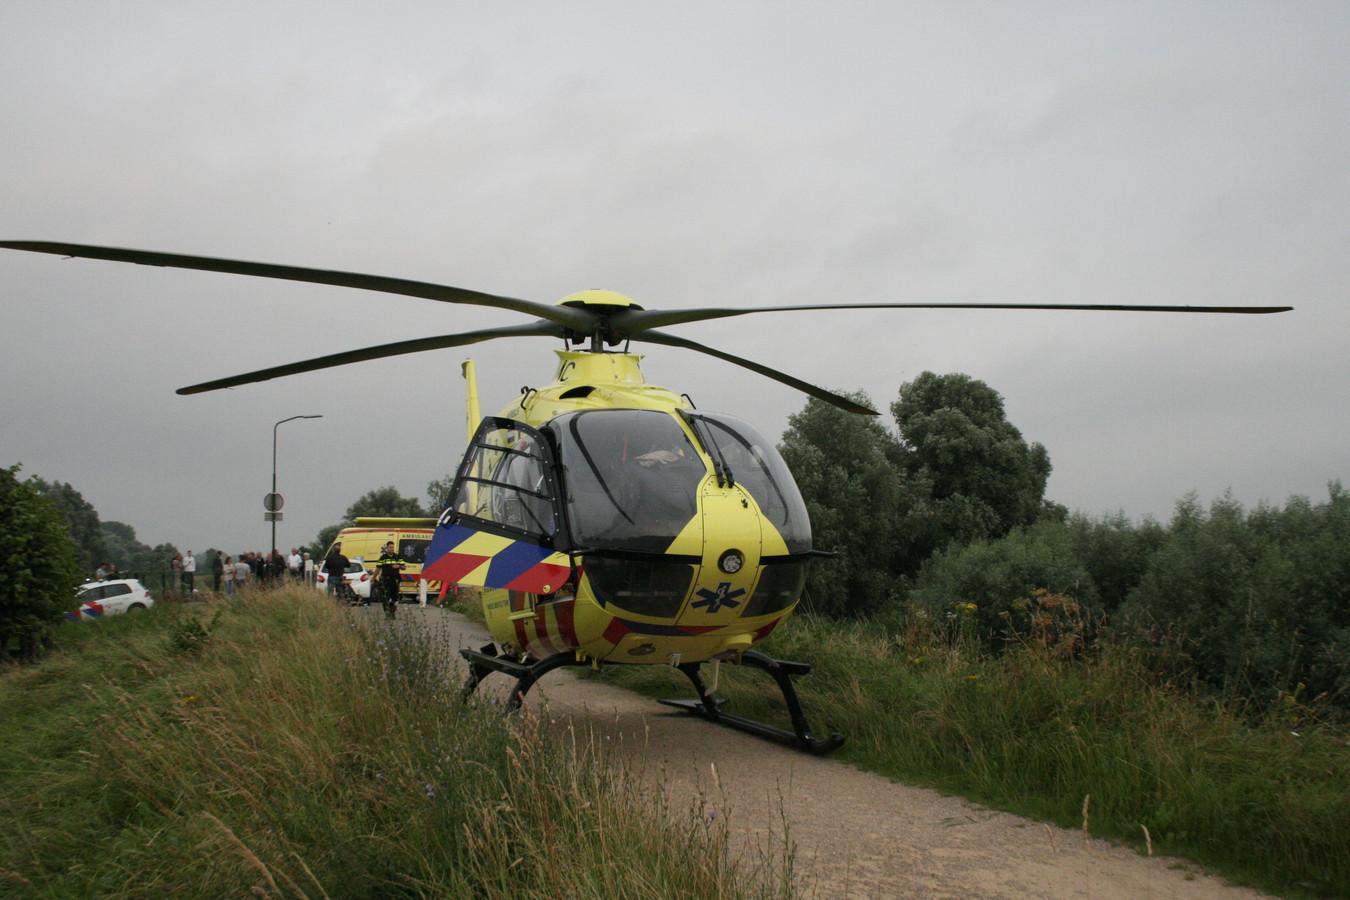 De traumaheli landde vlakbij het incident aan de Waalbandijk in Neerijnen.